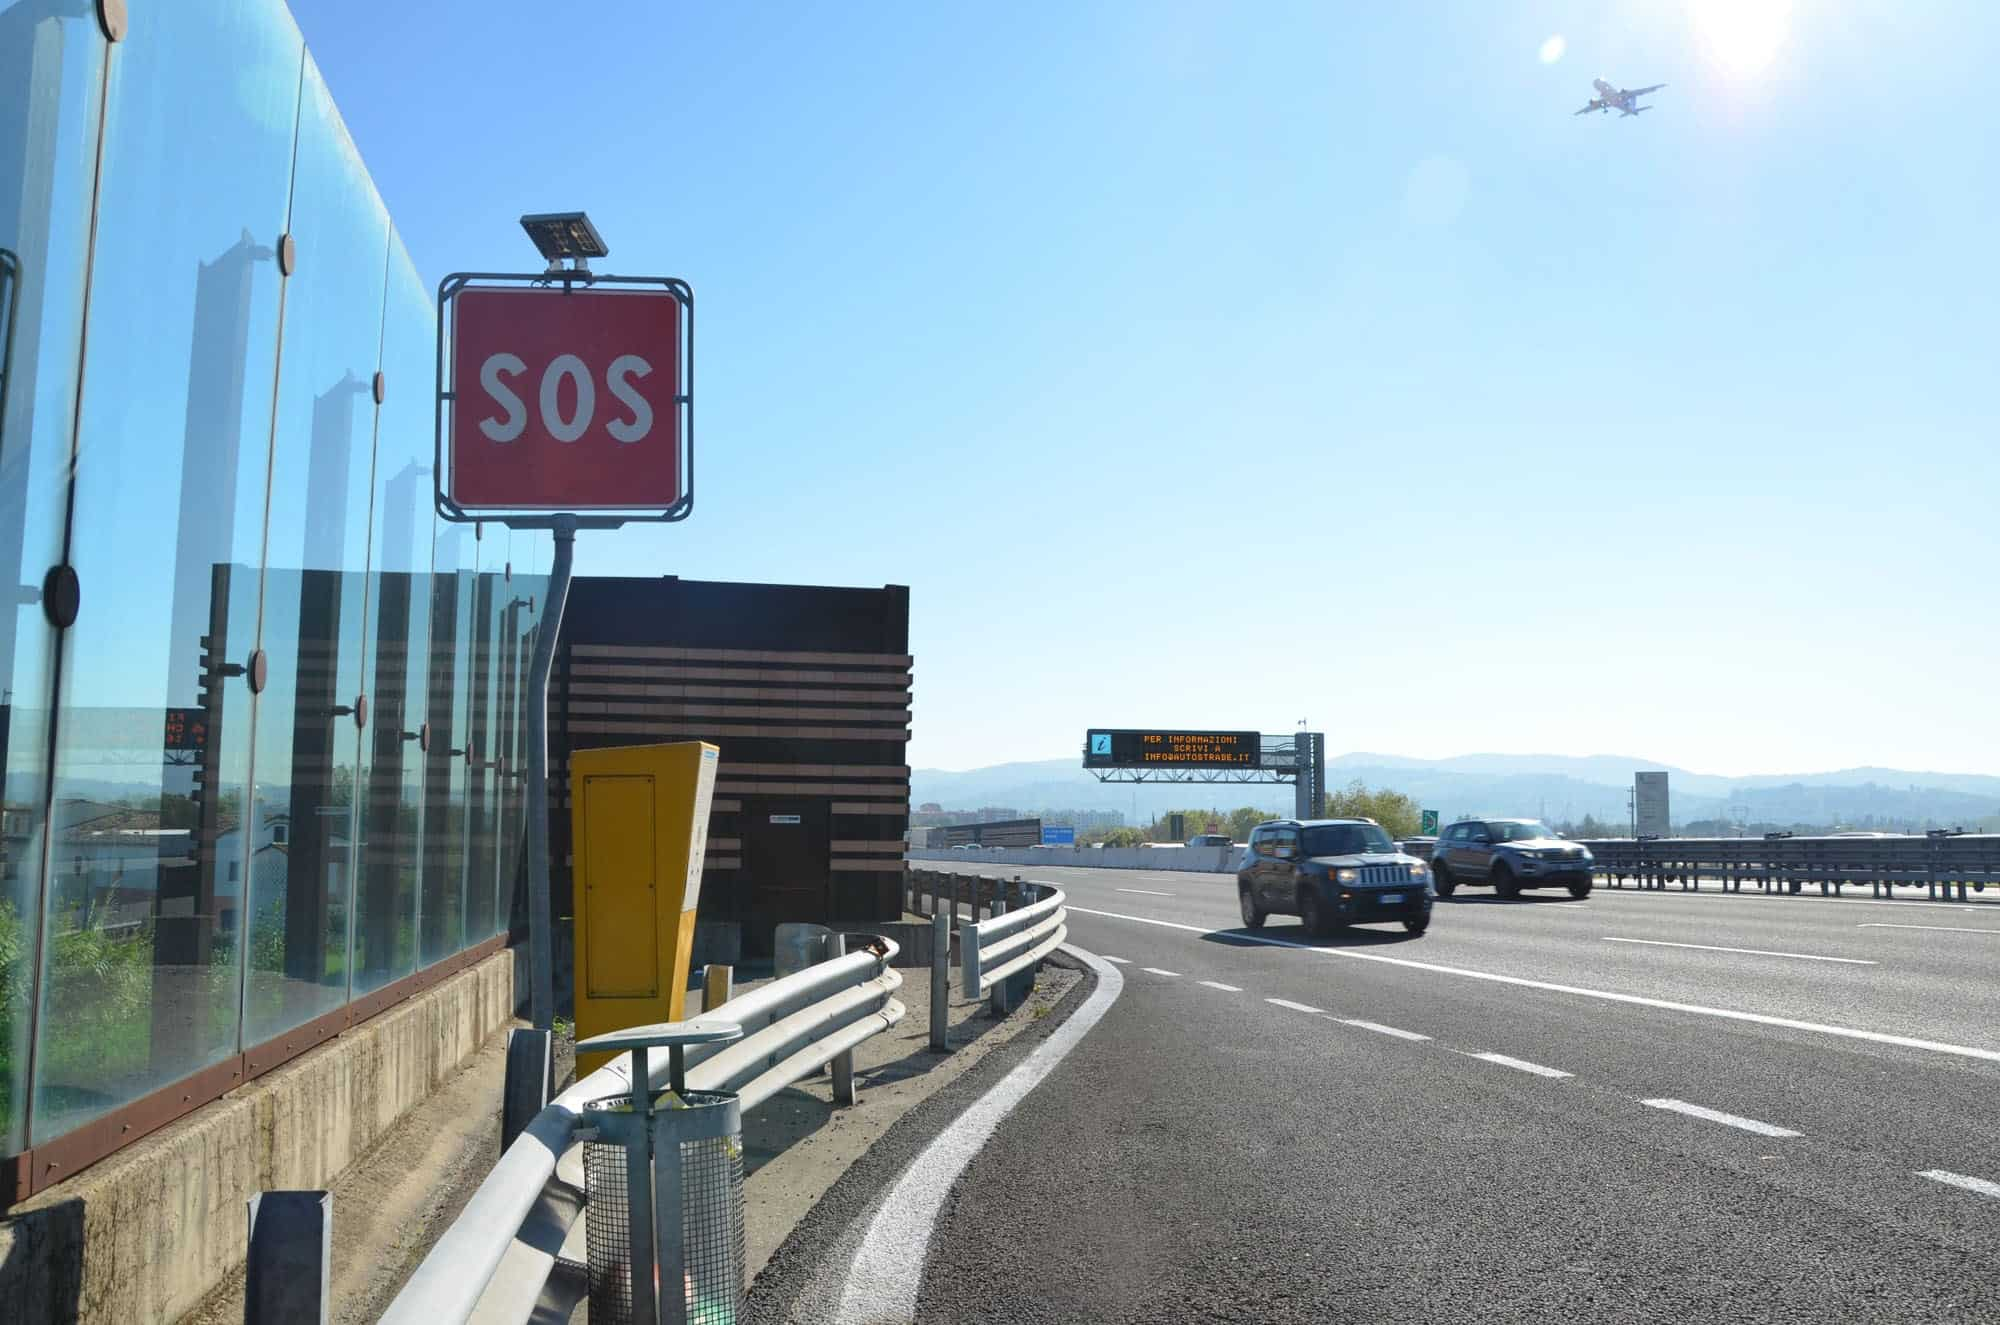 Foto © autostrade per l'italia